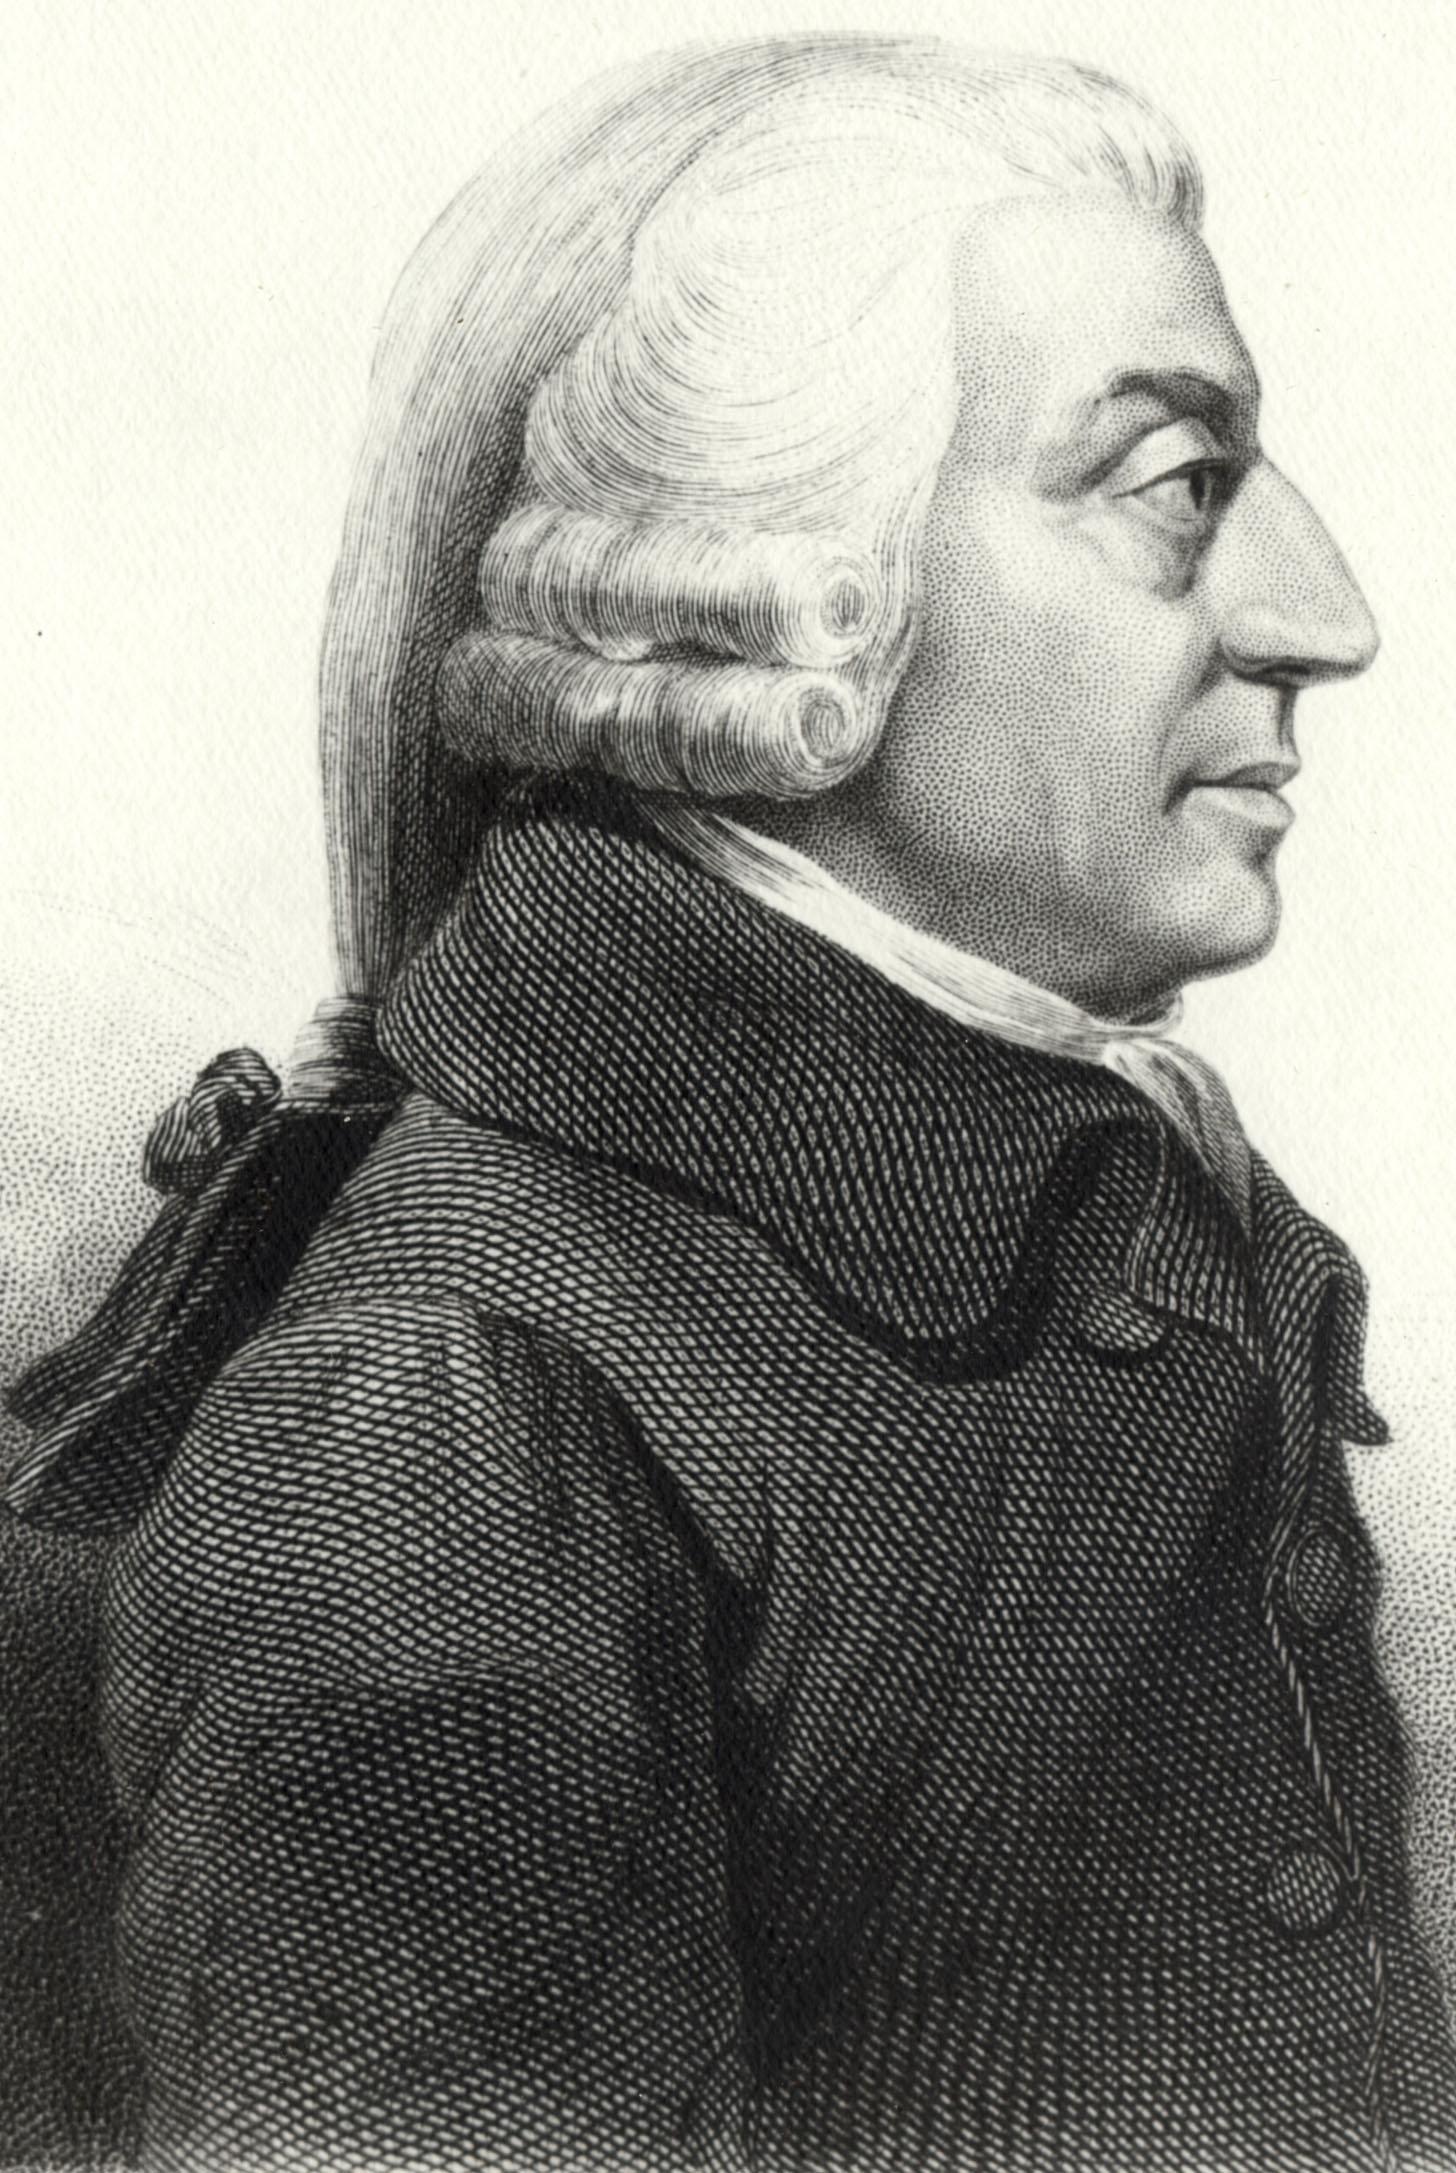 Adam Smith - biografia do economista e filósofo britânico - InfoEscola